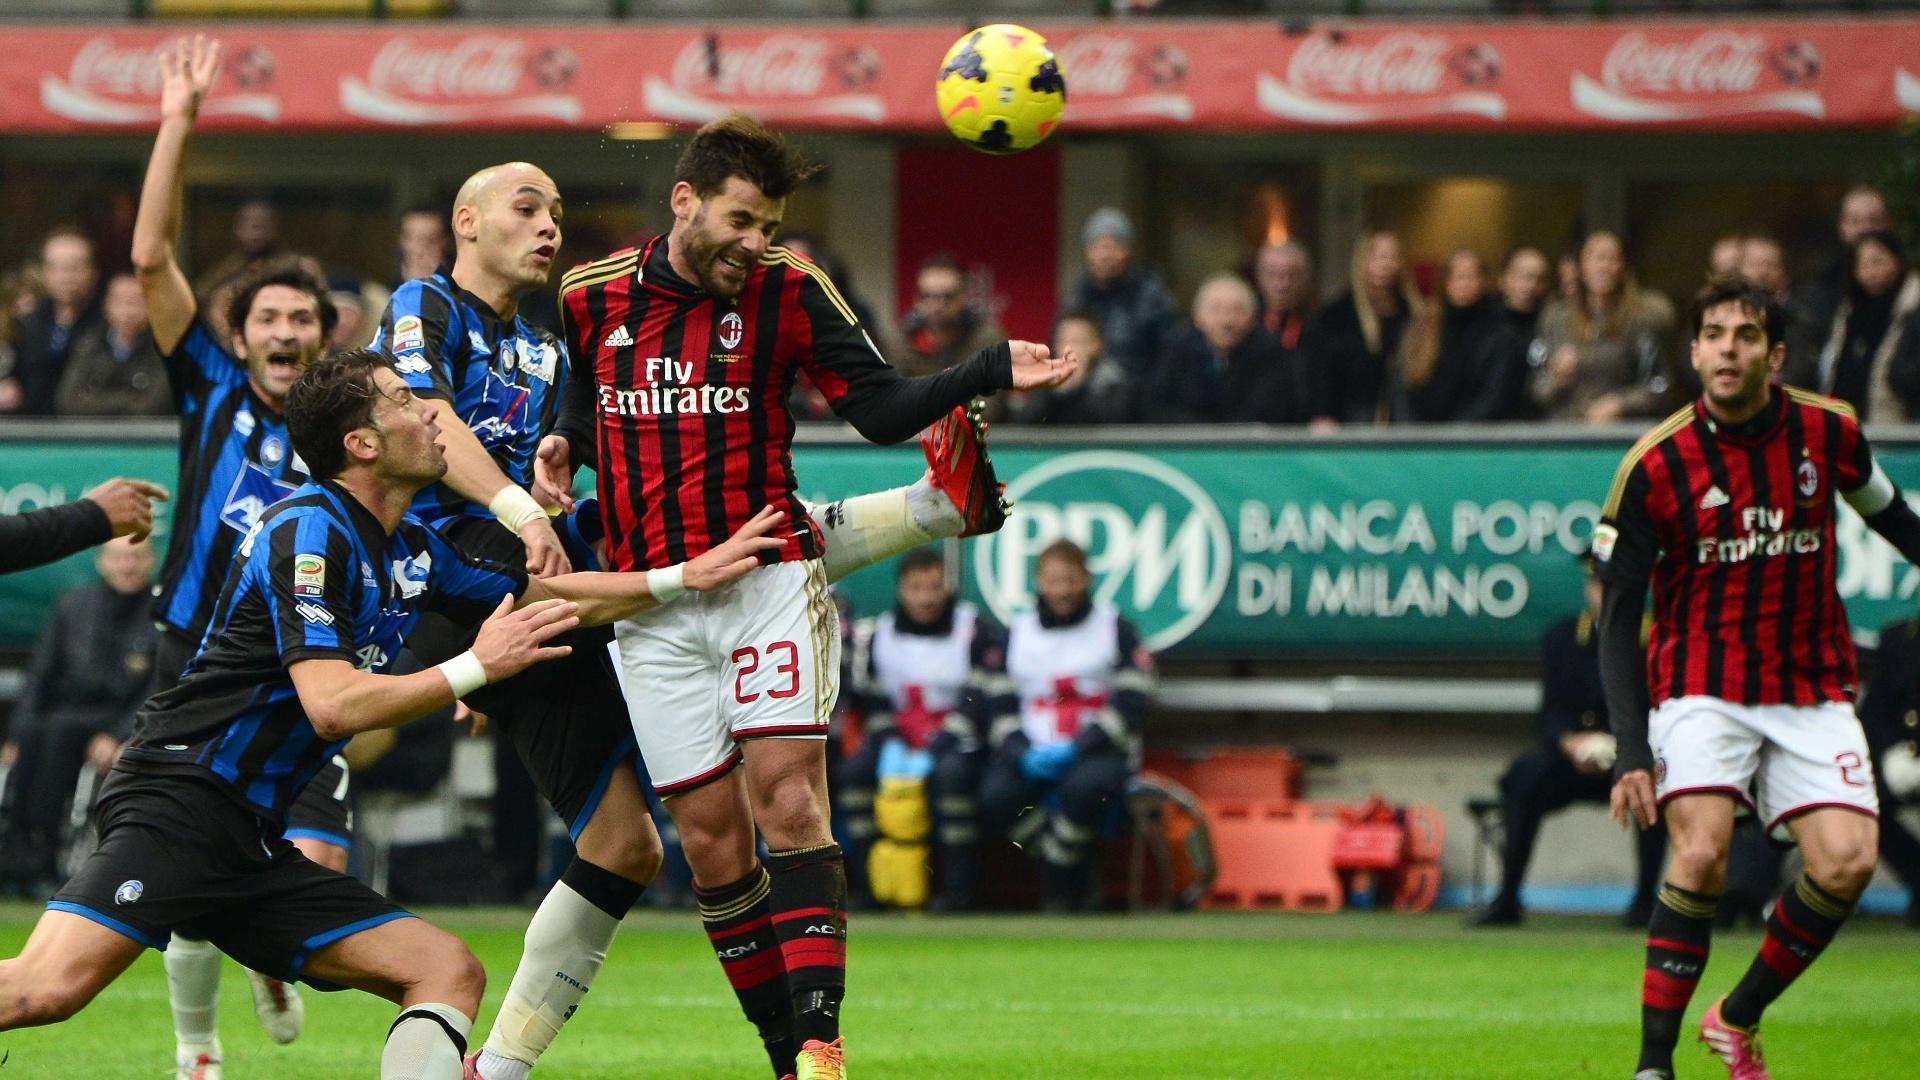 6.jan.2014 - Antonio Nocerino cabeceia a bola enquanto é observado de perto pelos jogadores do Atalanta